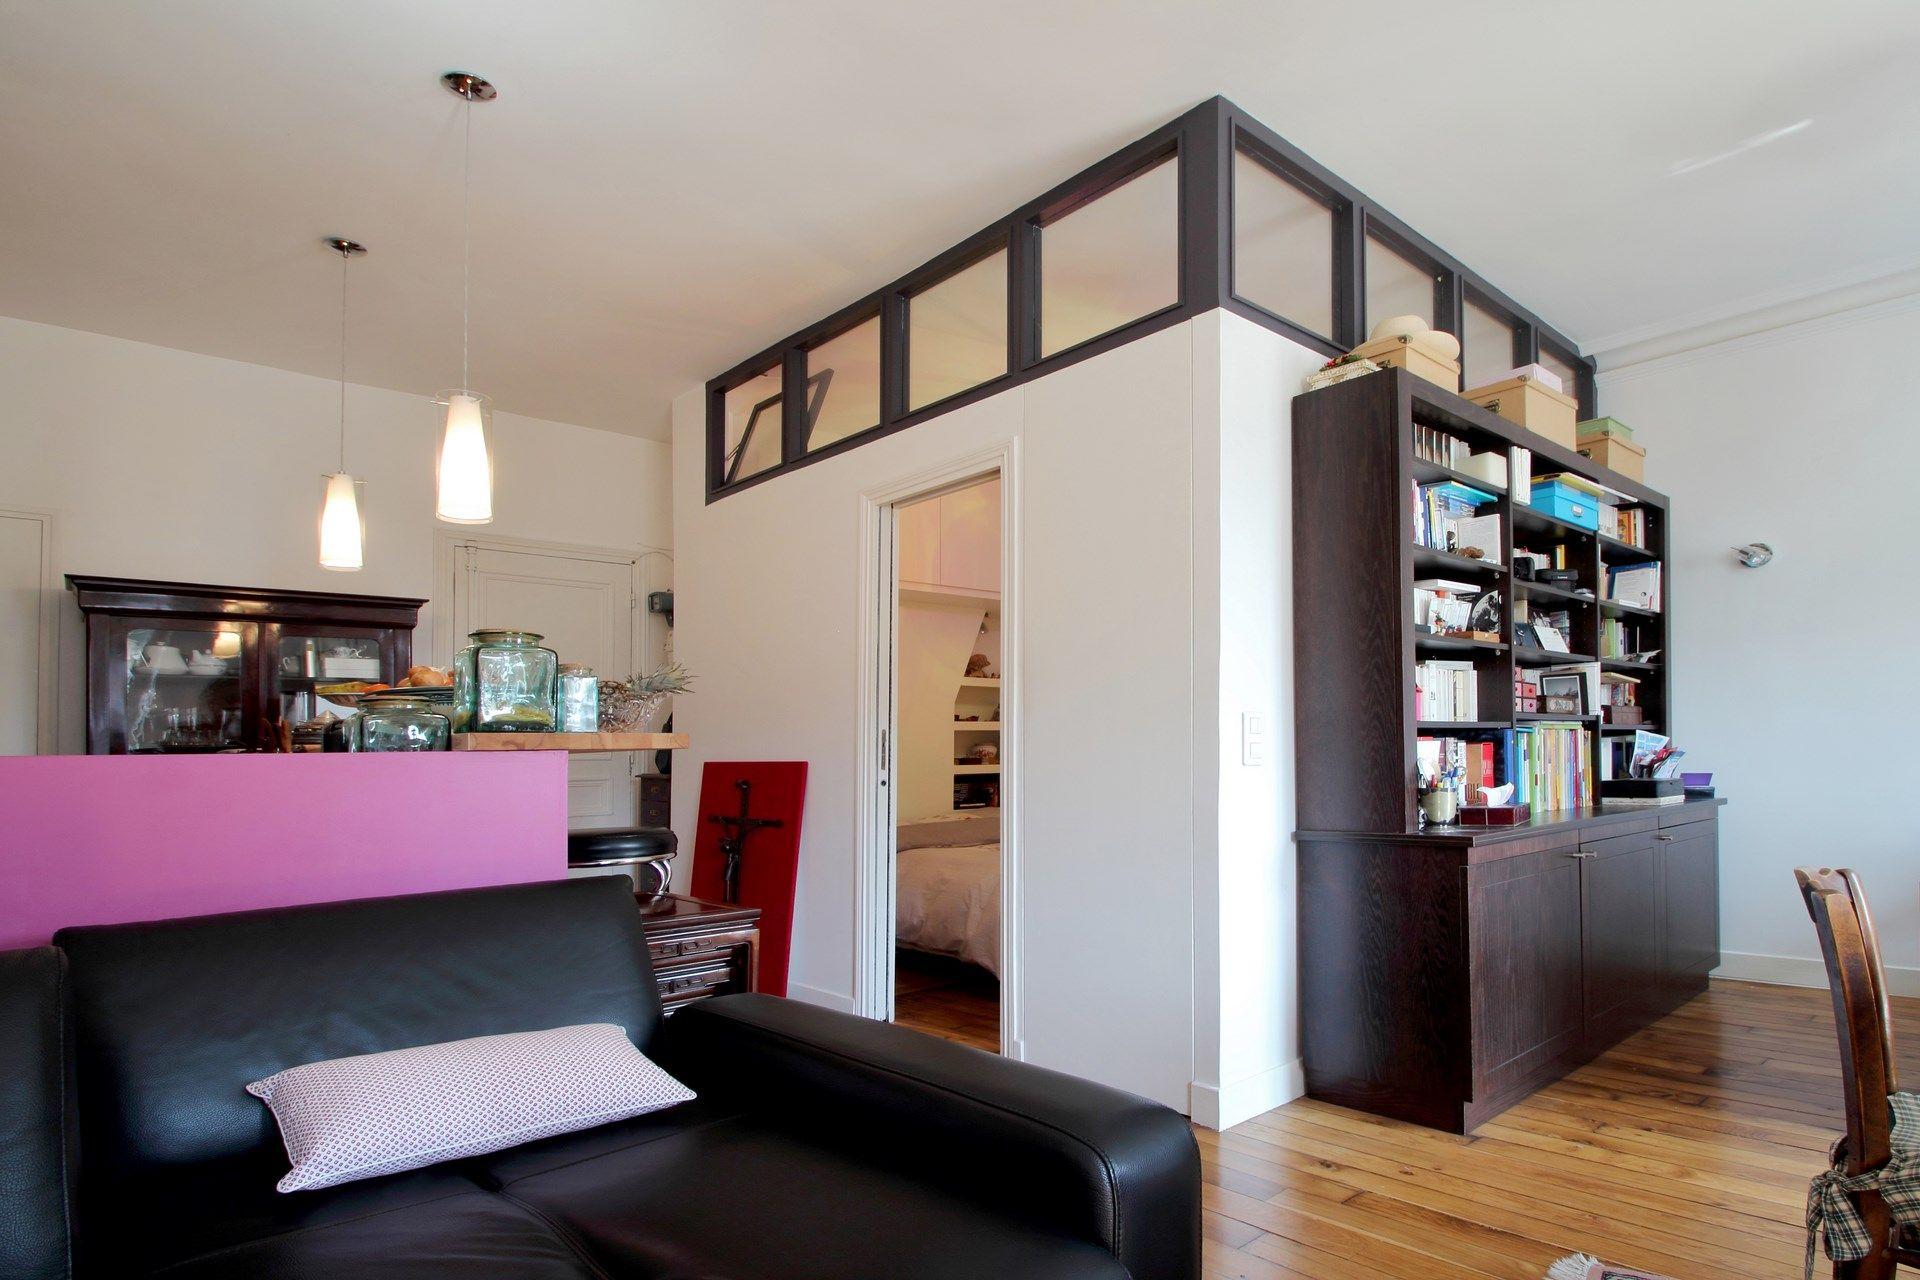 100 Incroyable Idées Creer Une Chambre Dans Salon